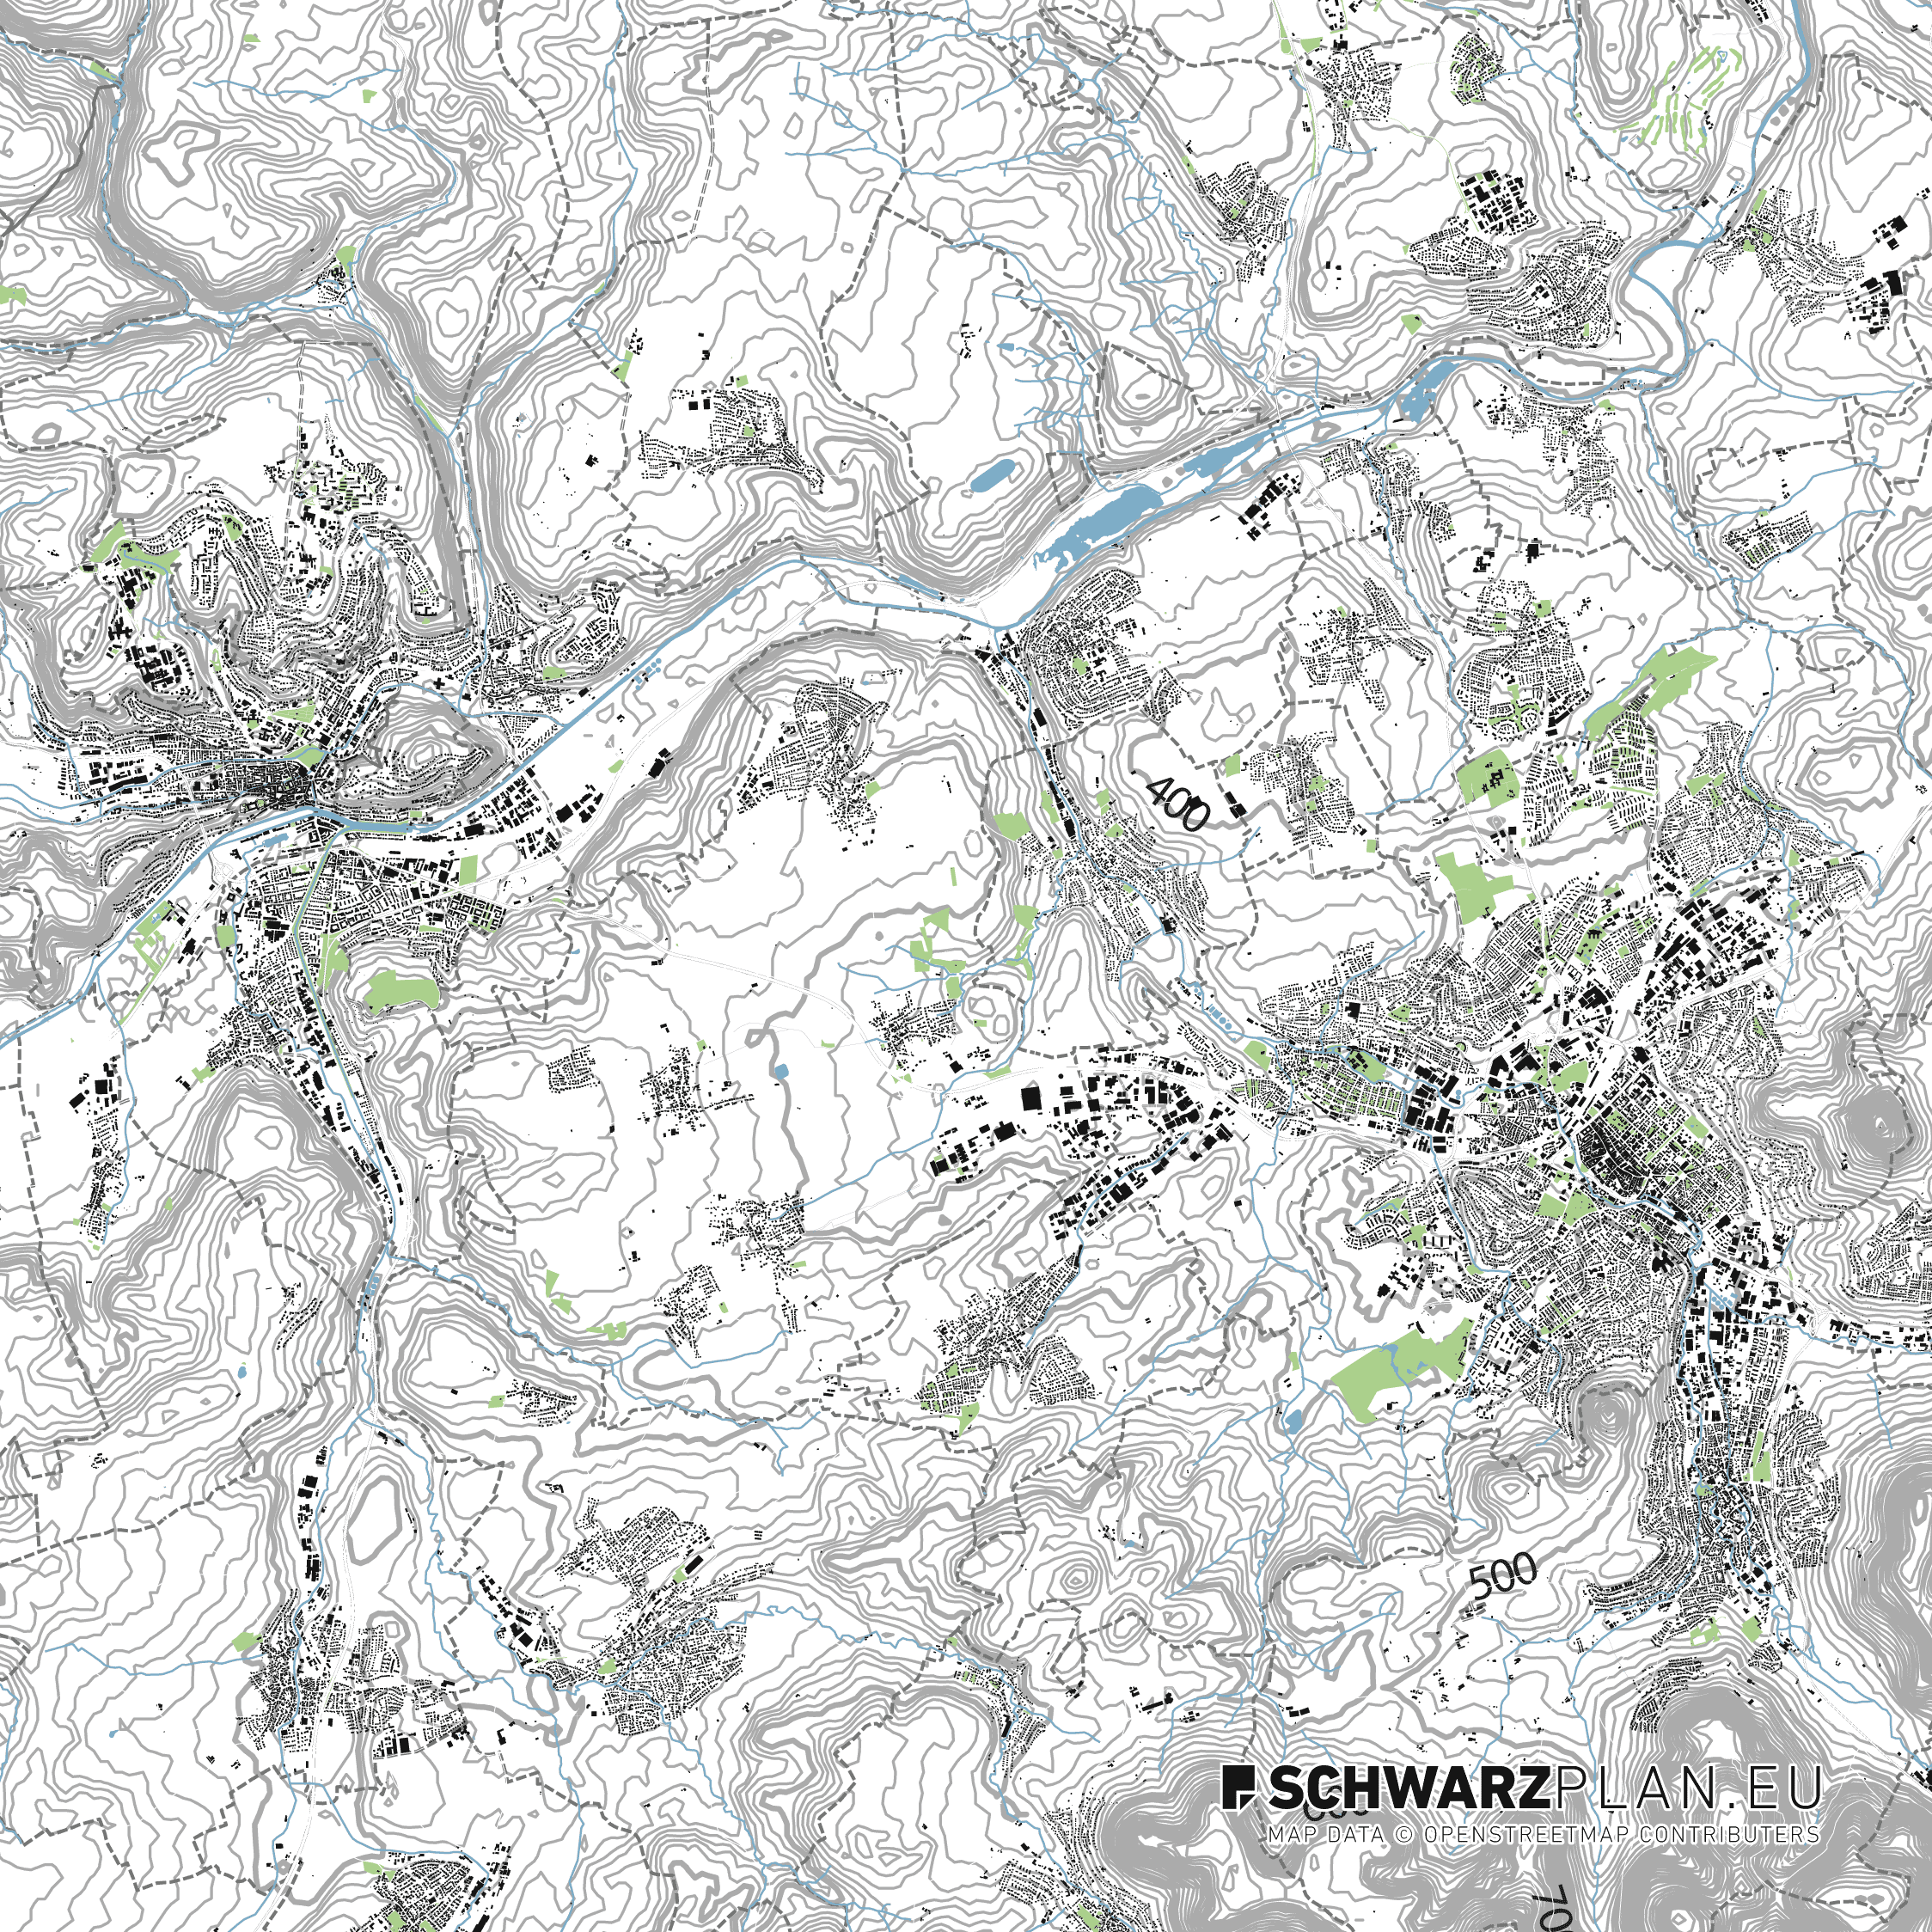 Site Plan of Tübingen and Reutlingen